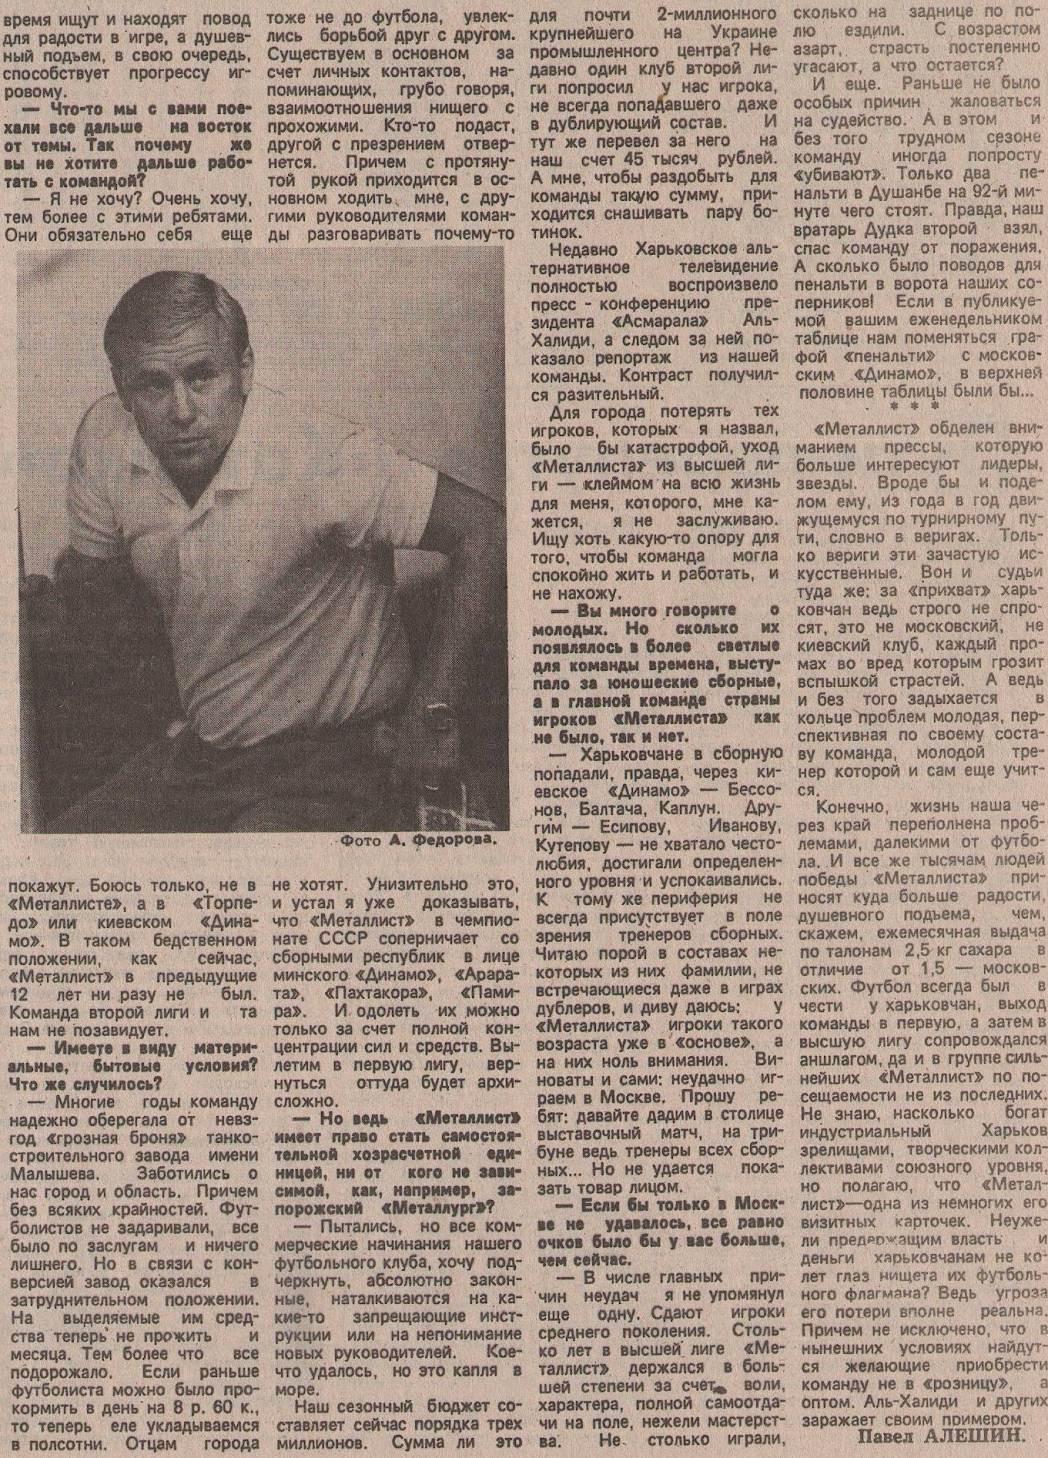 [Изображение: 1991-08-11_Tkachenko_nash-sos-vse-glushe_03.jpg]